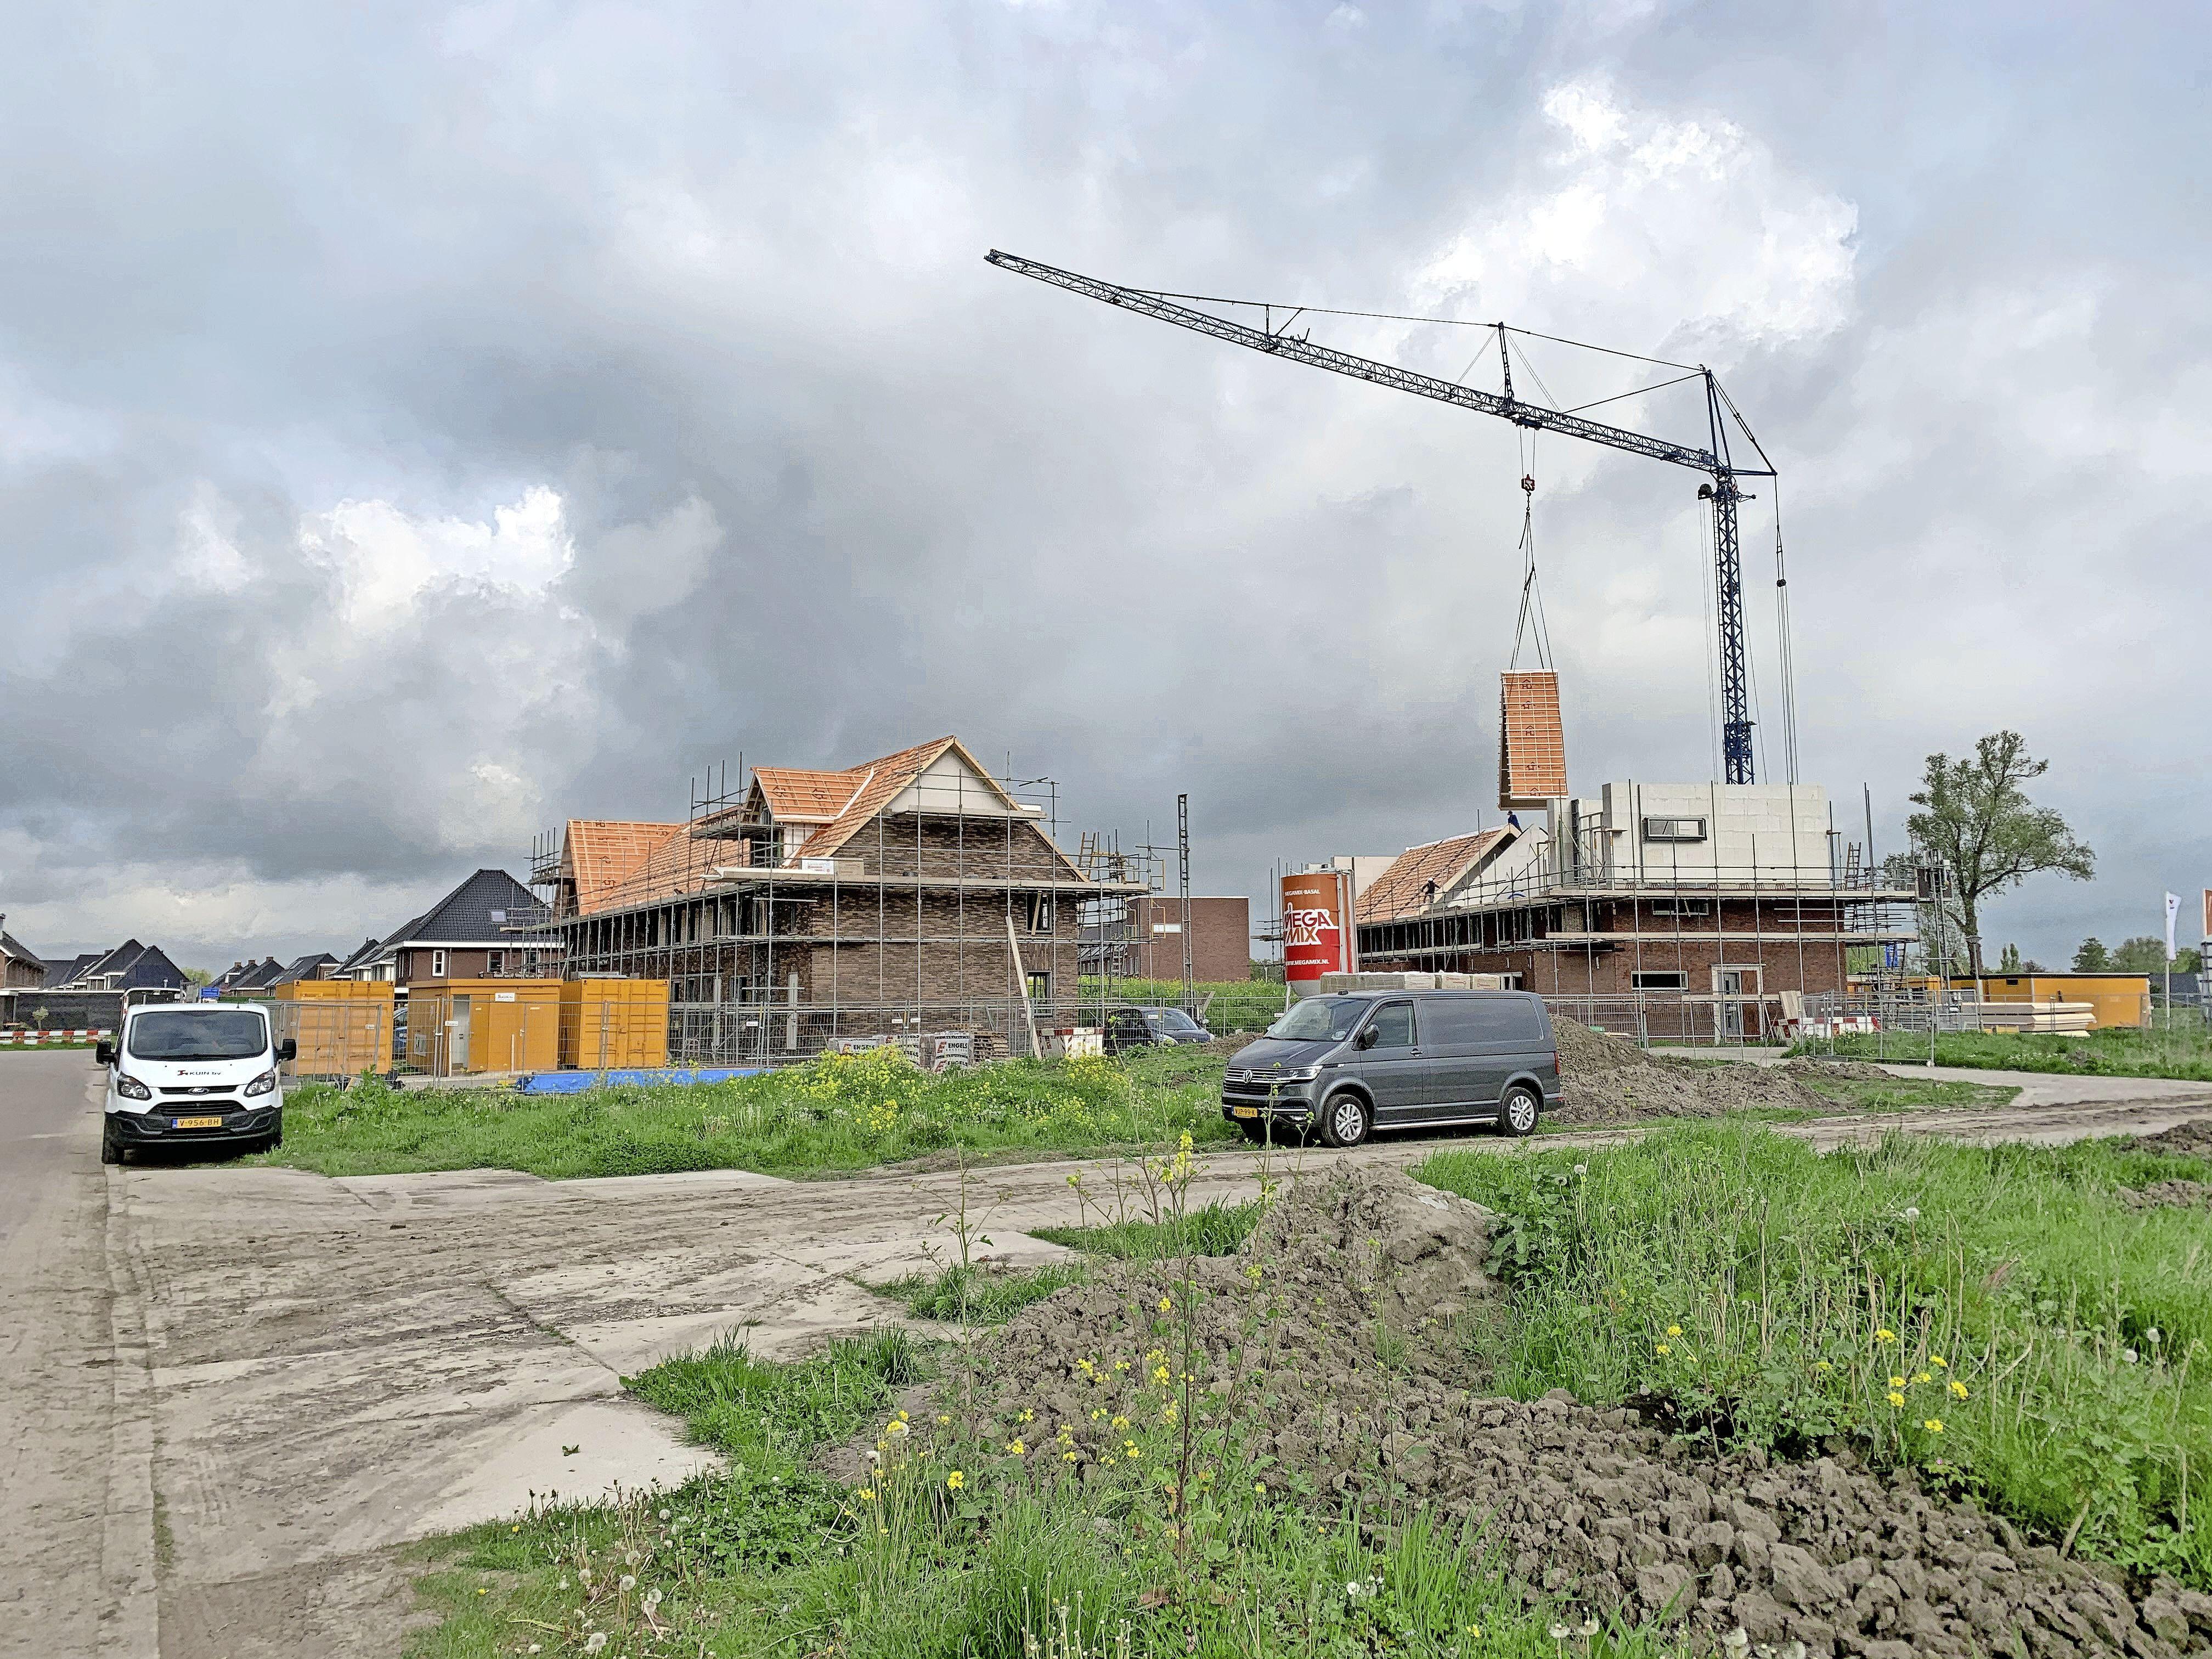 'Opmeer moet stolpen opkopen en er starterswoningen bouwen'. Jongeren sporen gemeente aan woningtekort op te lossen